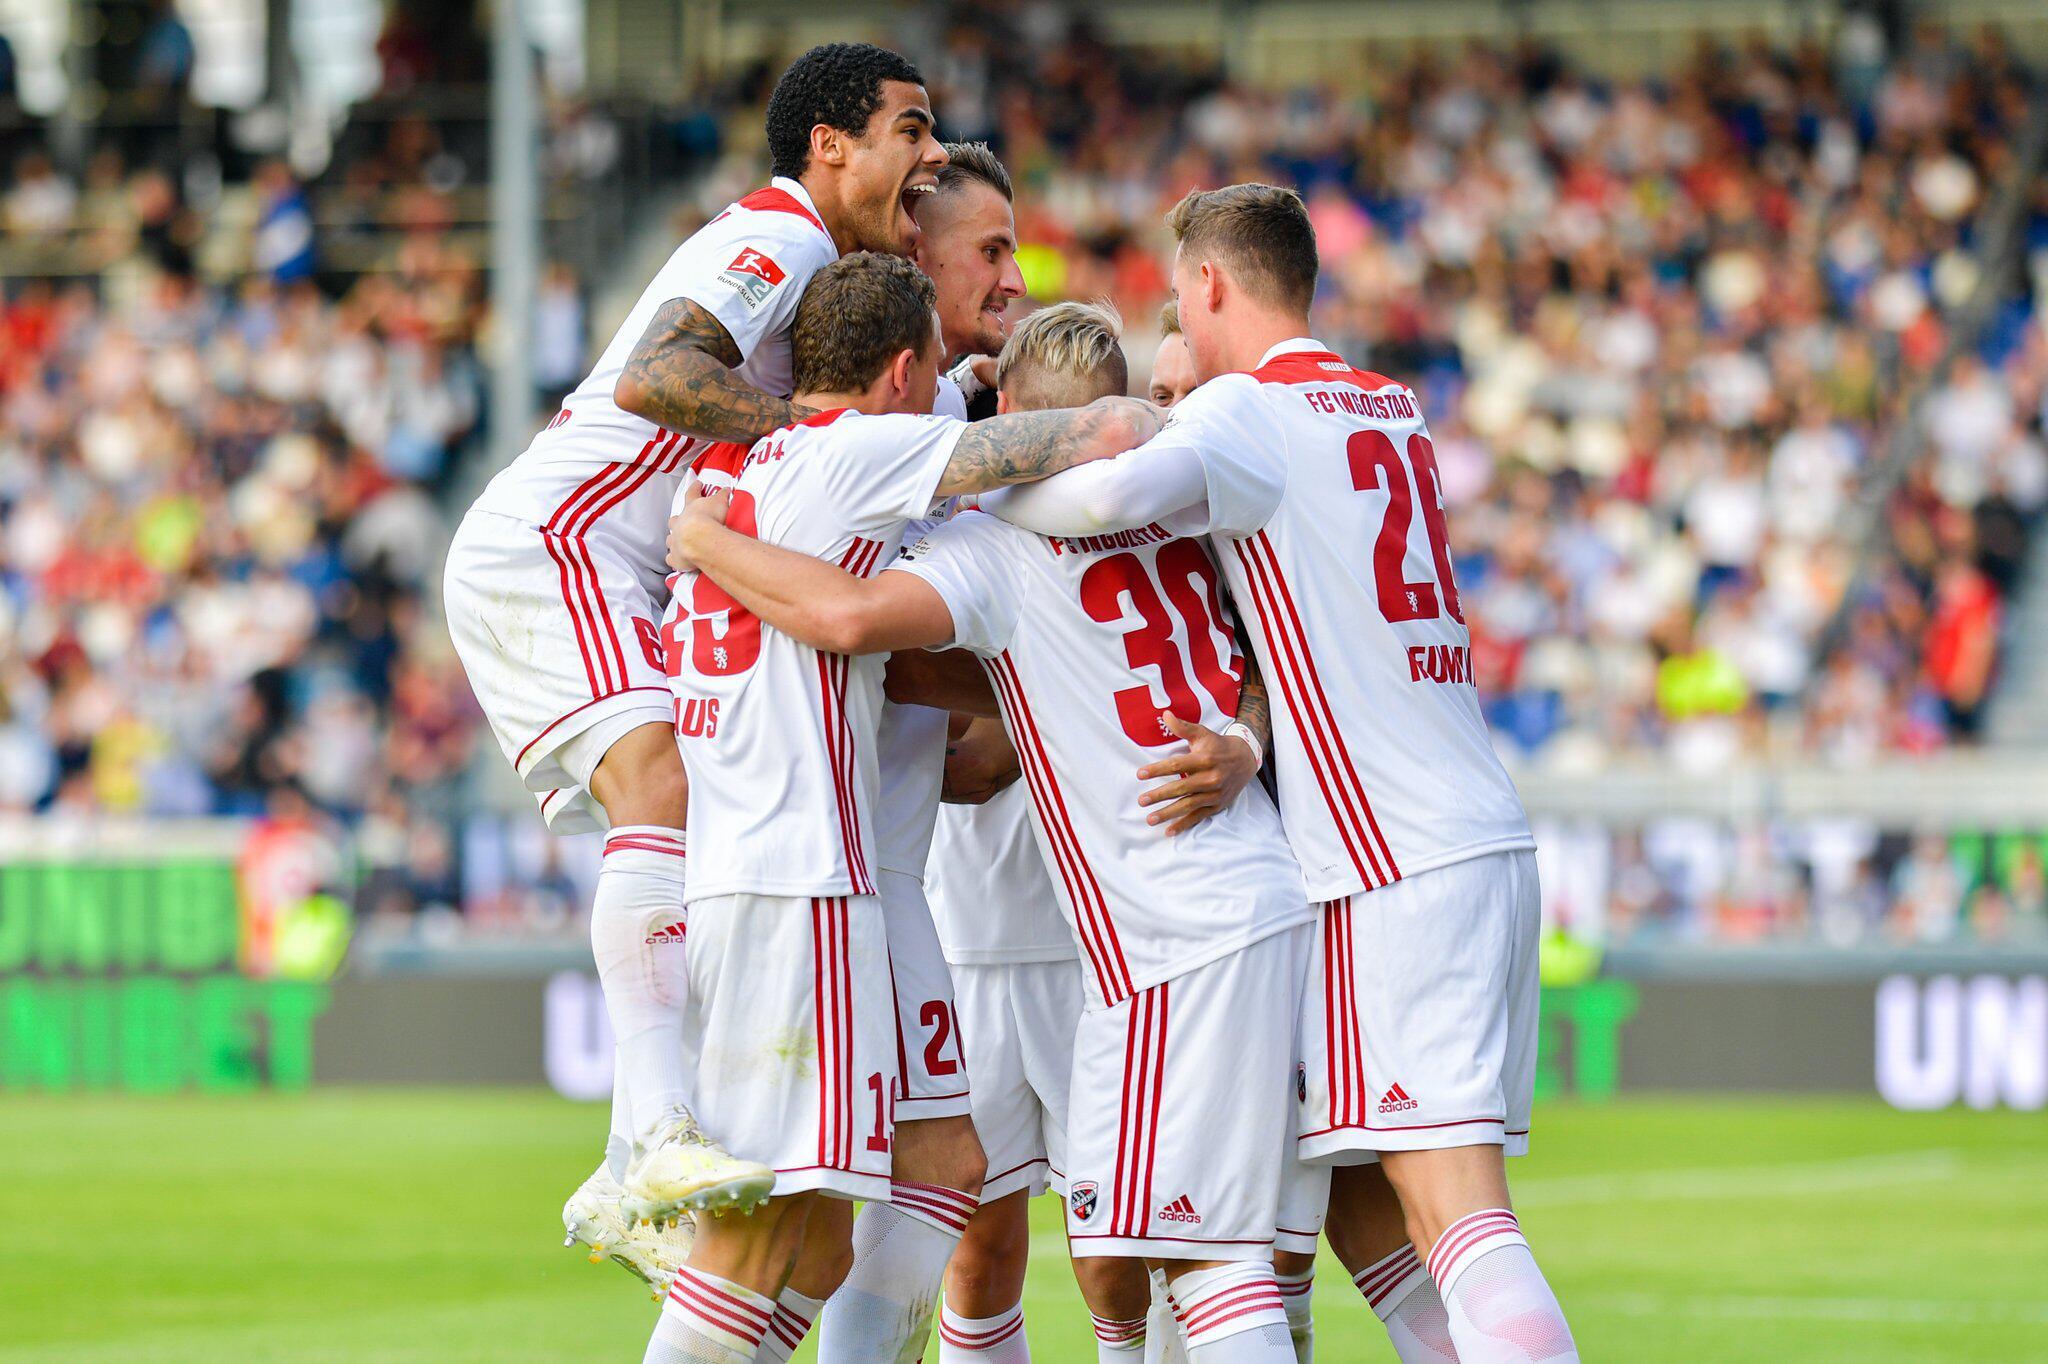 Bild zu SV Wehen Wiesbaden - FC Ingolstadt 04